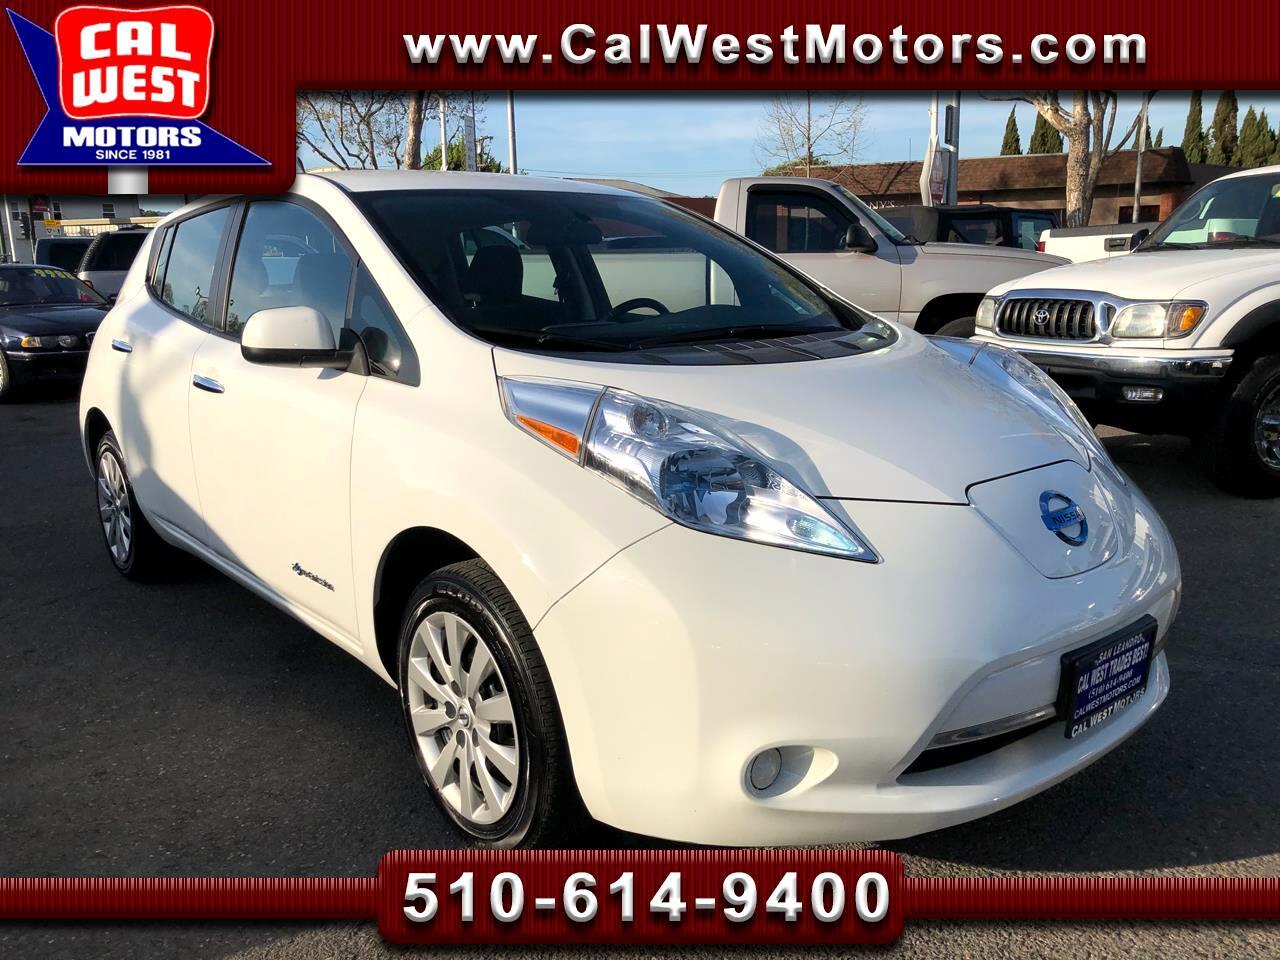 2013 Nissan Leaf Electric HatchBack 5D 0-Emissions SuperPractical